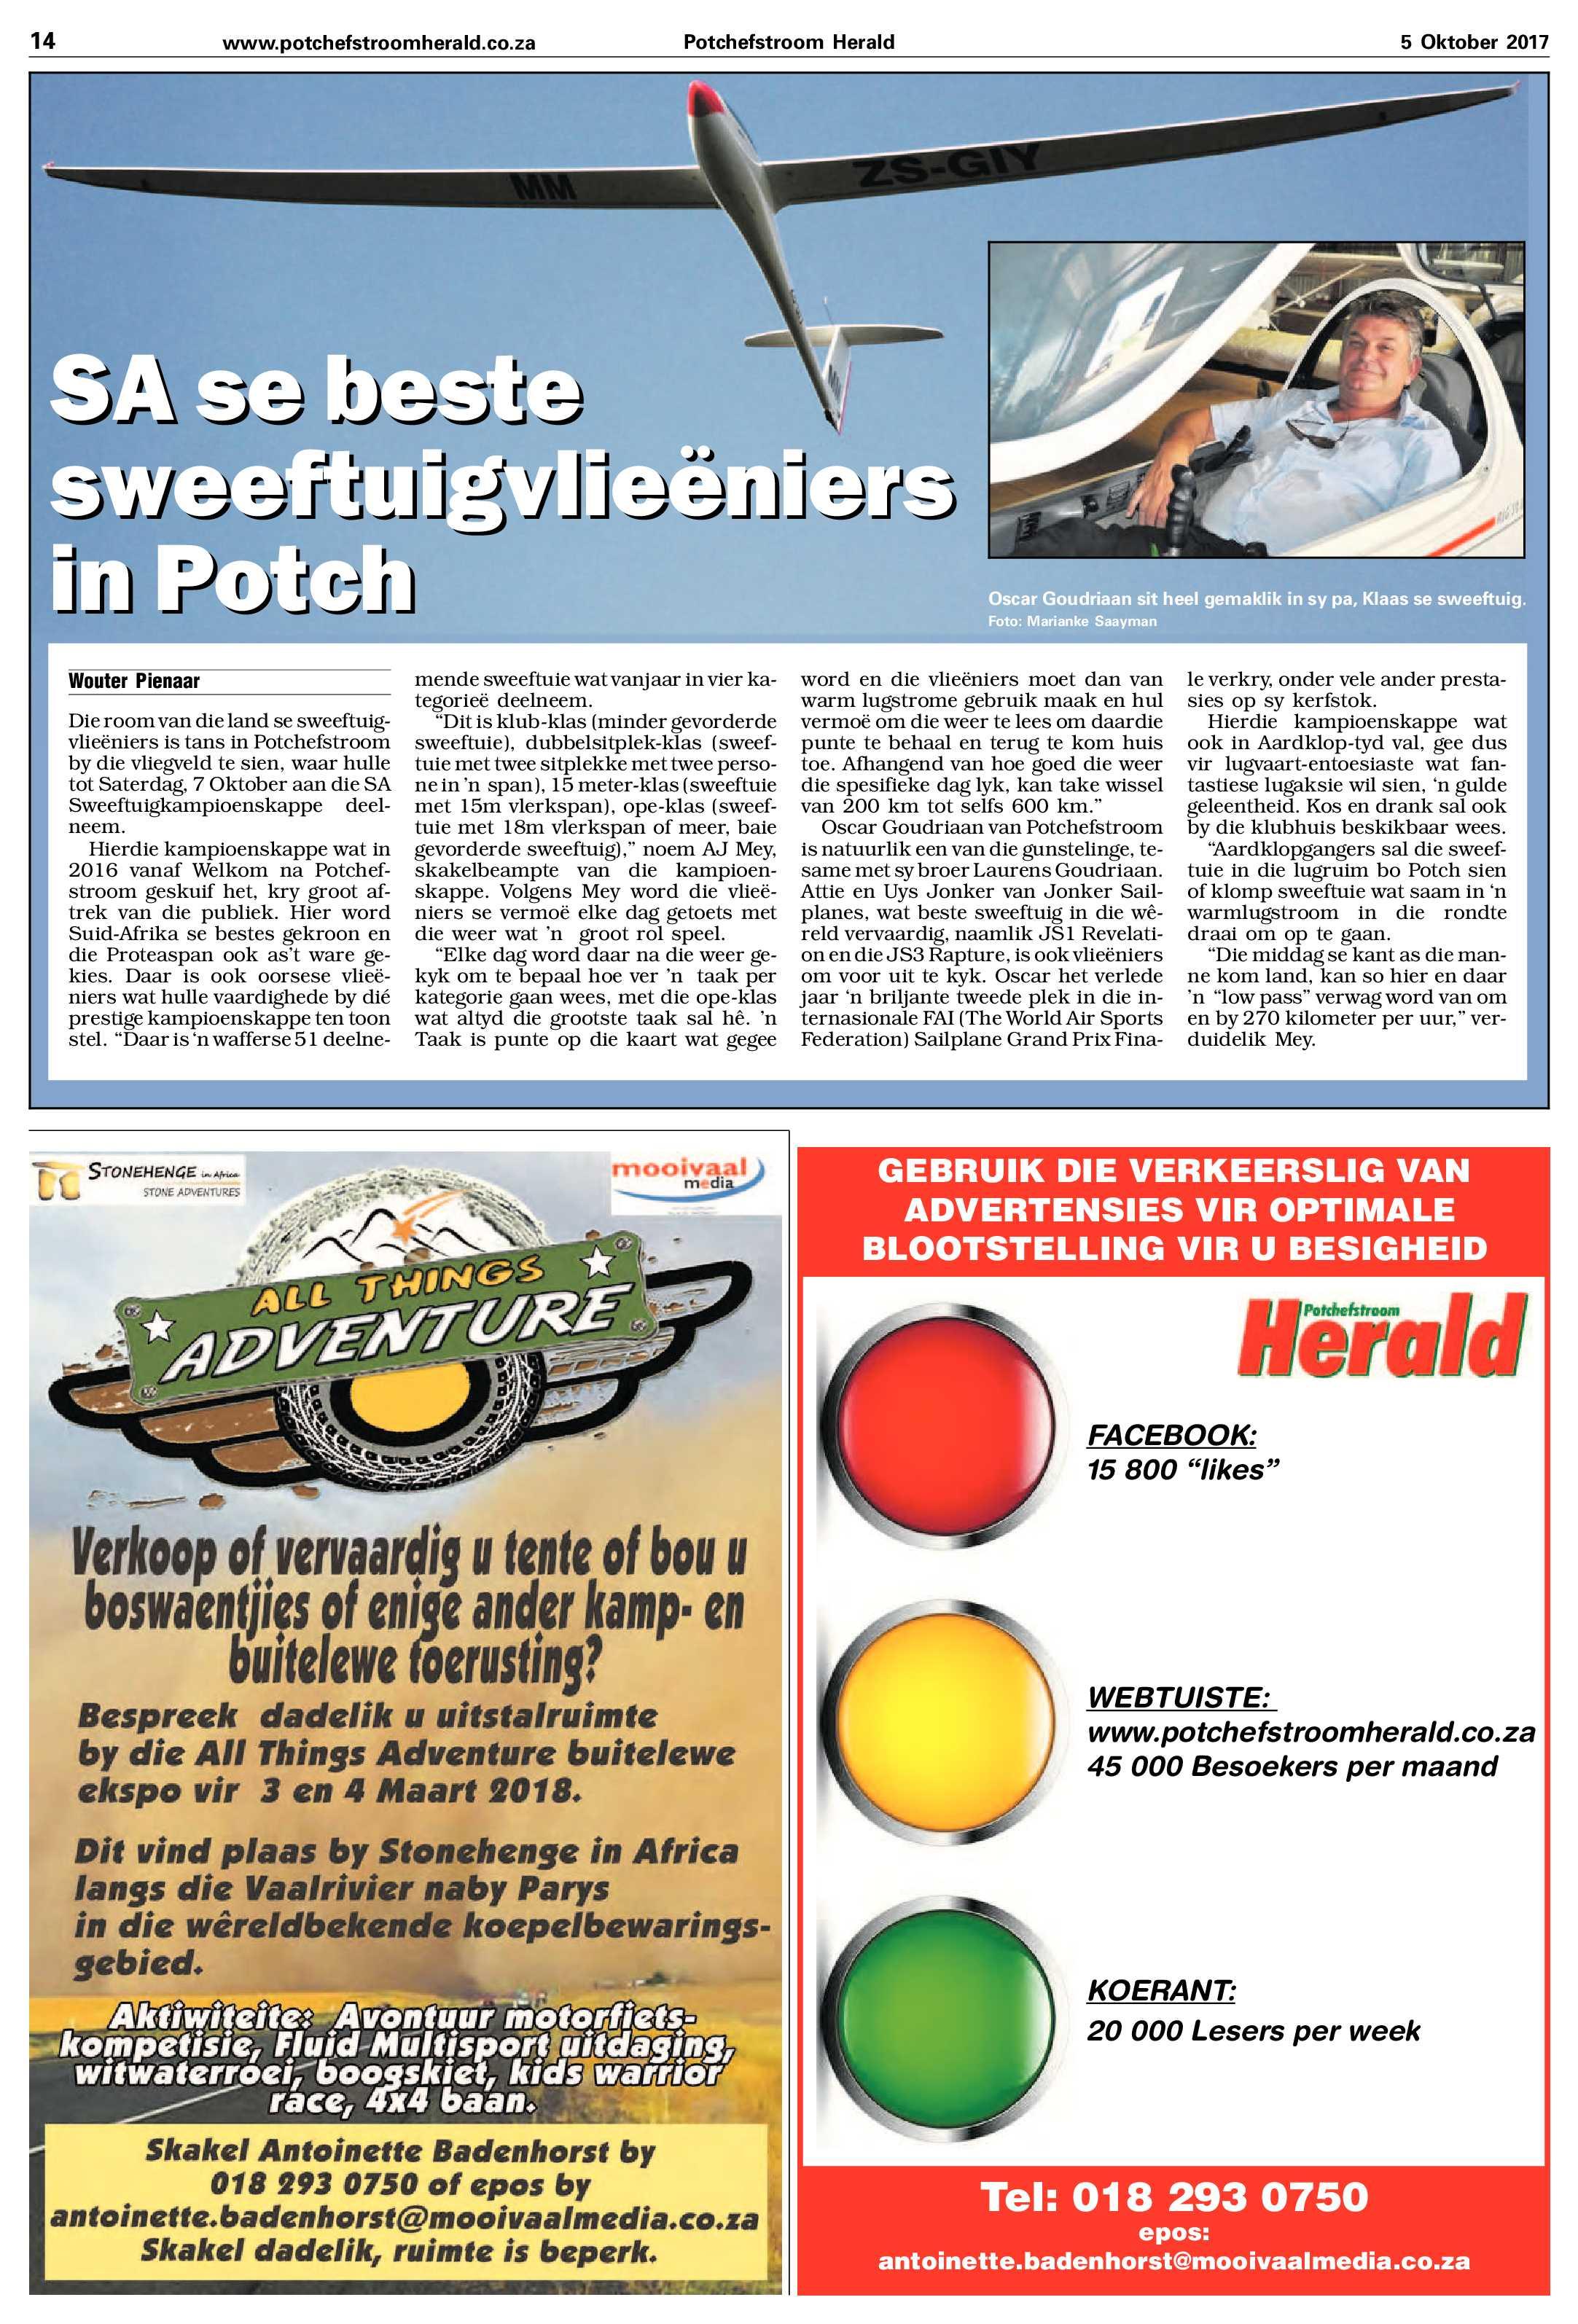 5-oktober-2017-epapers-page-14